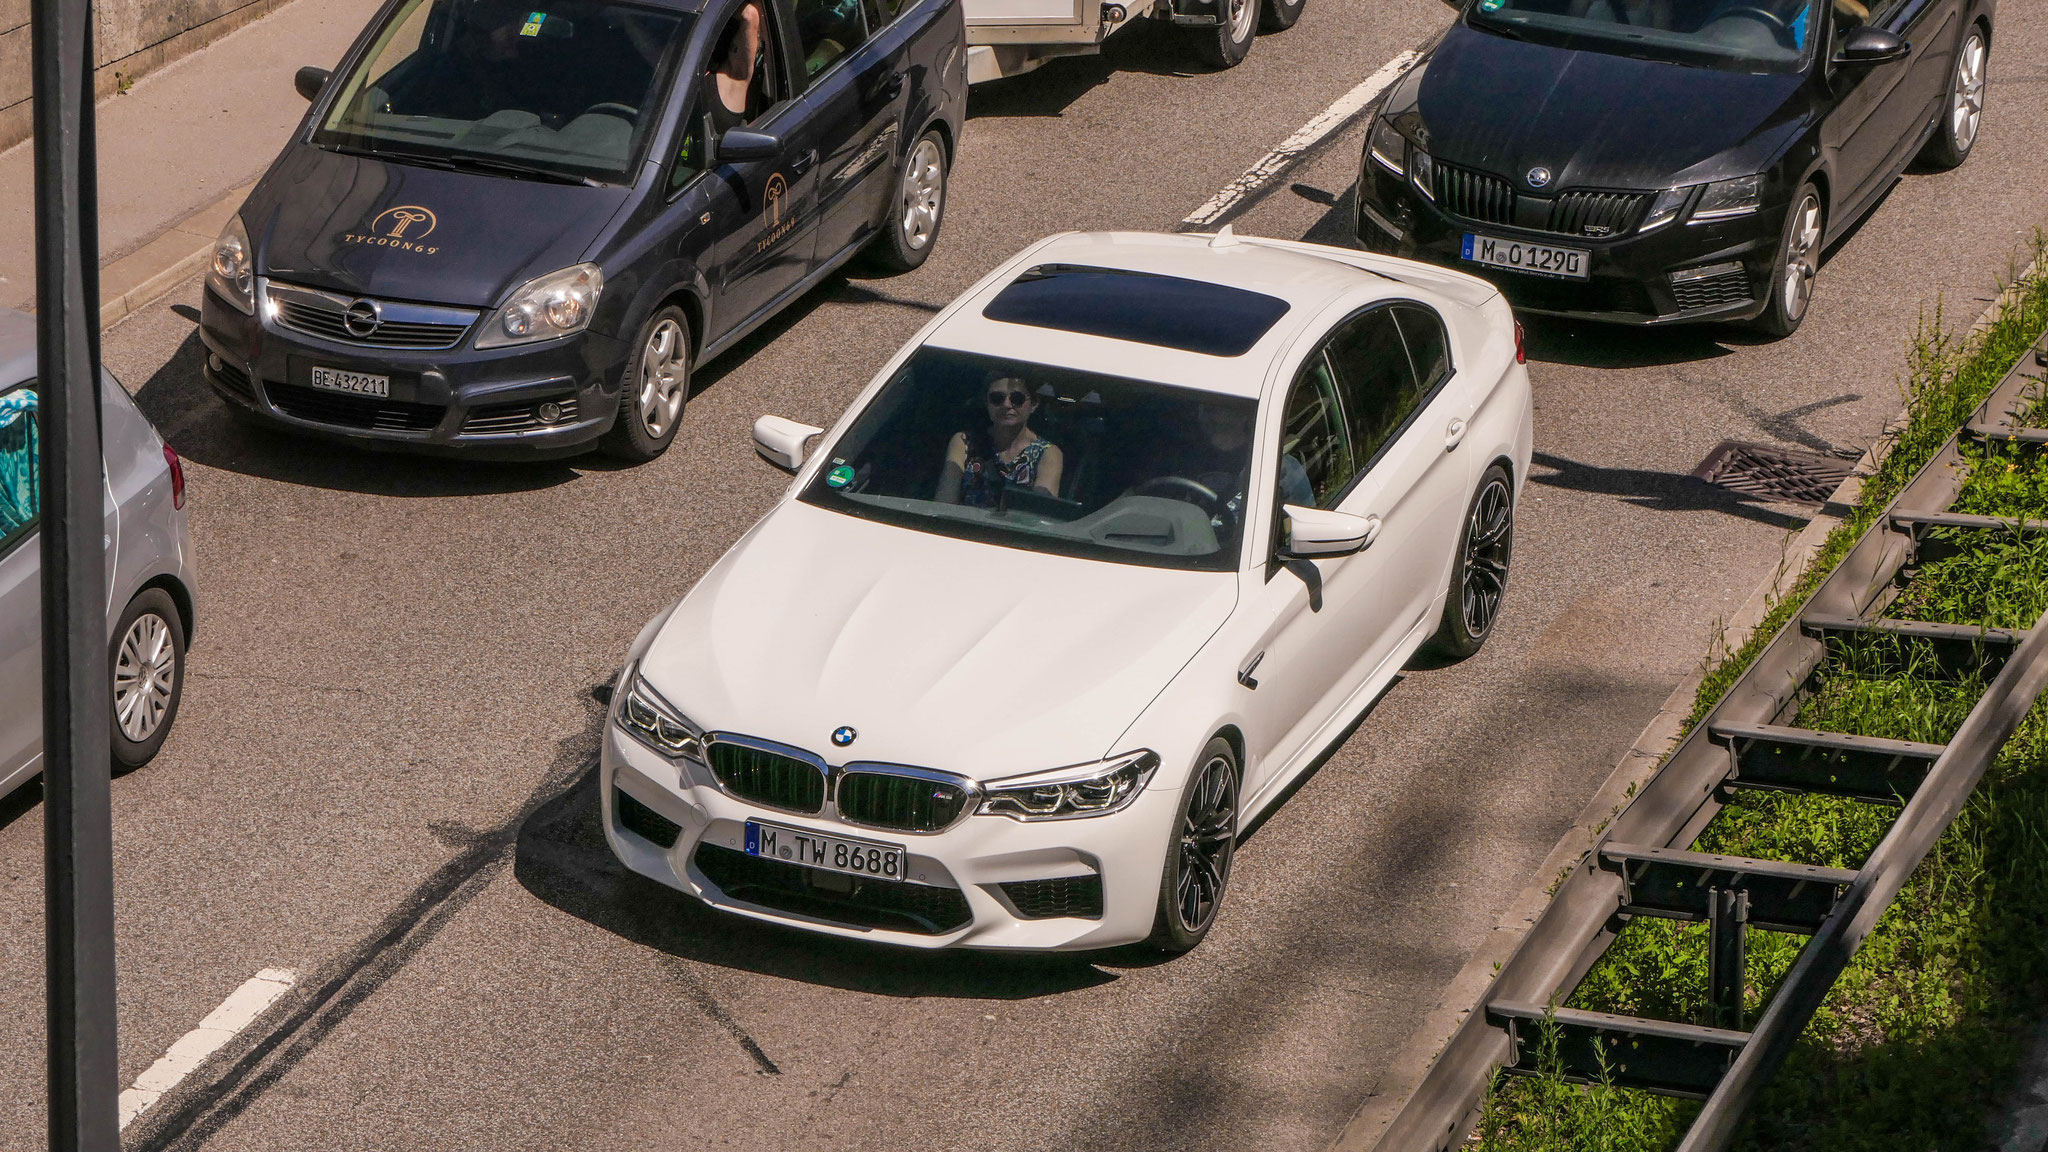 BMW M5 - M-TW-8688